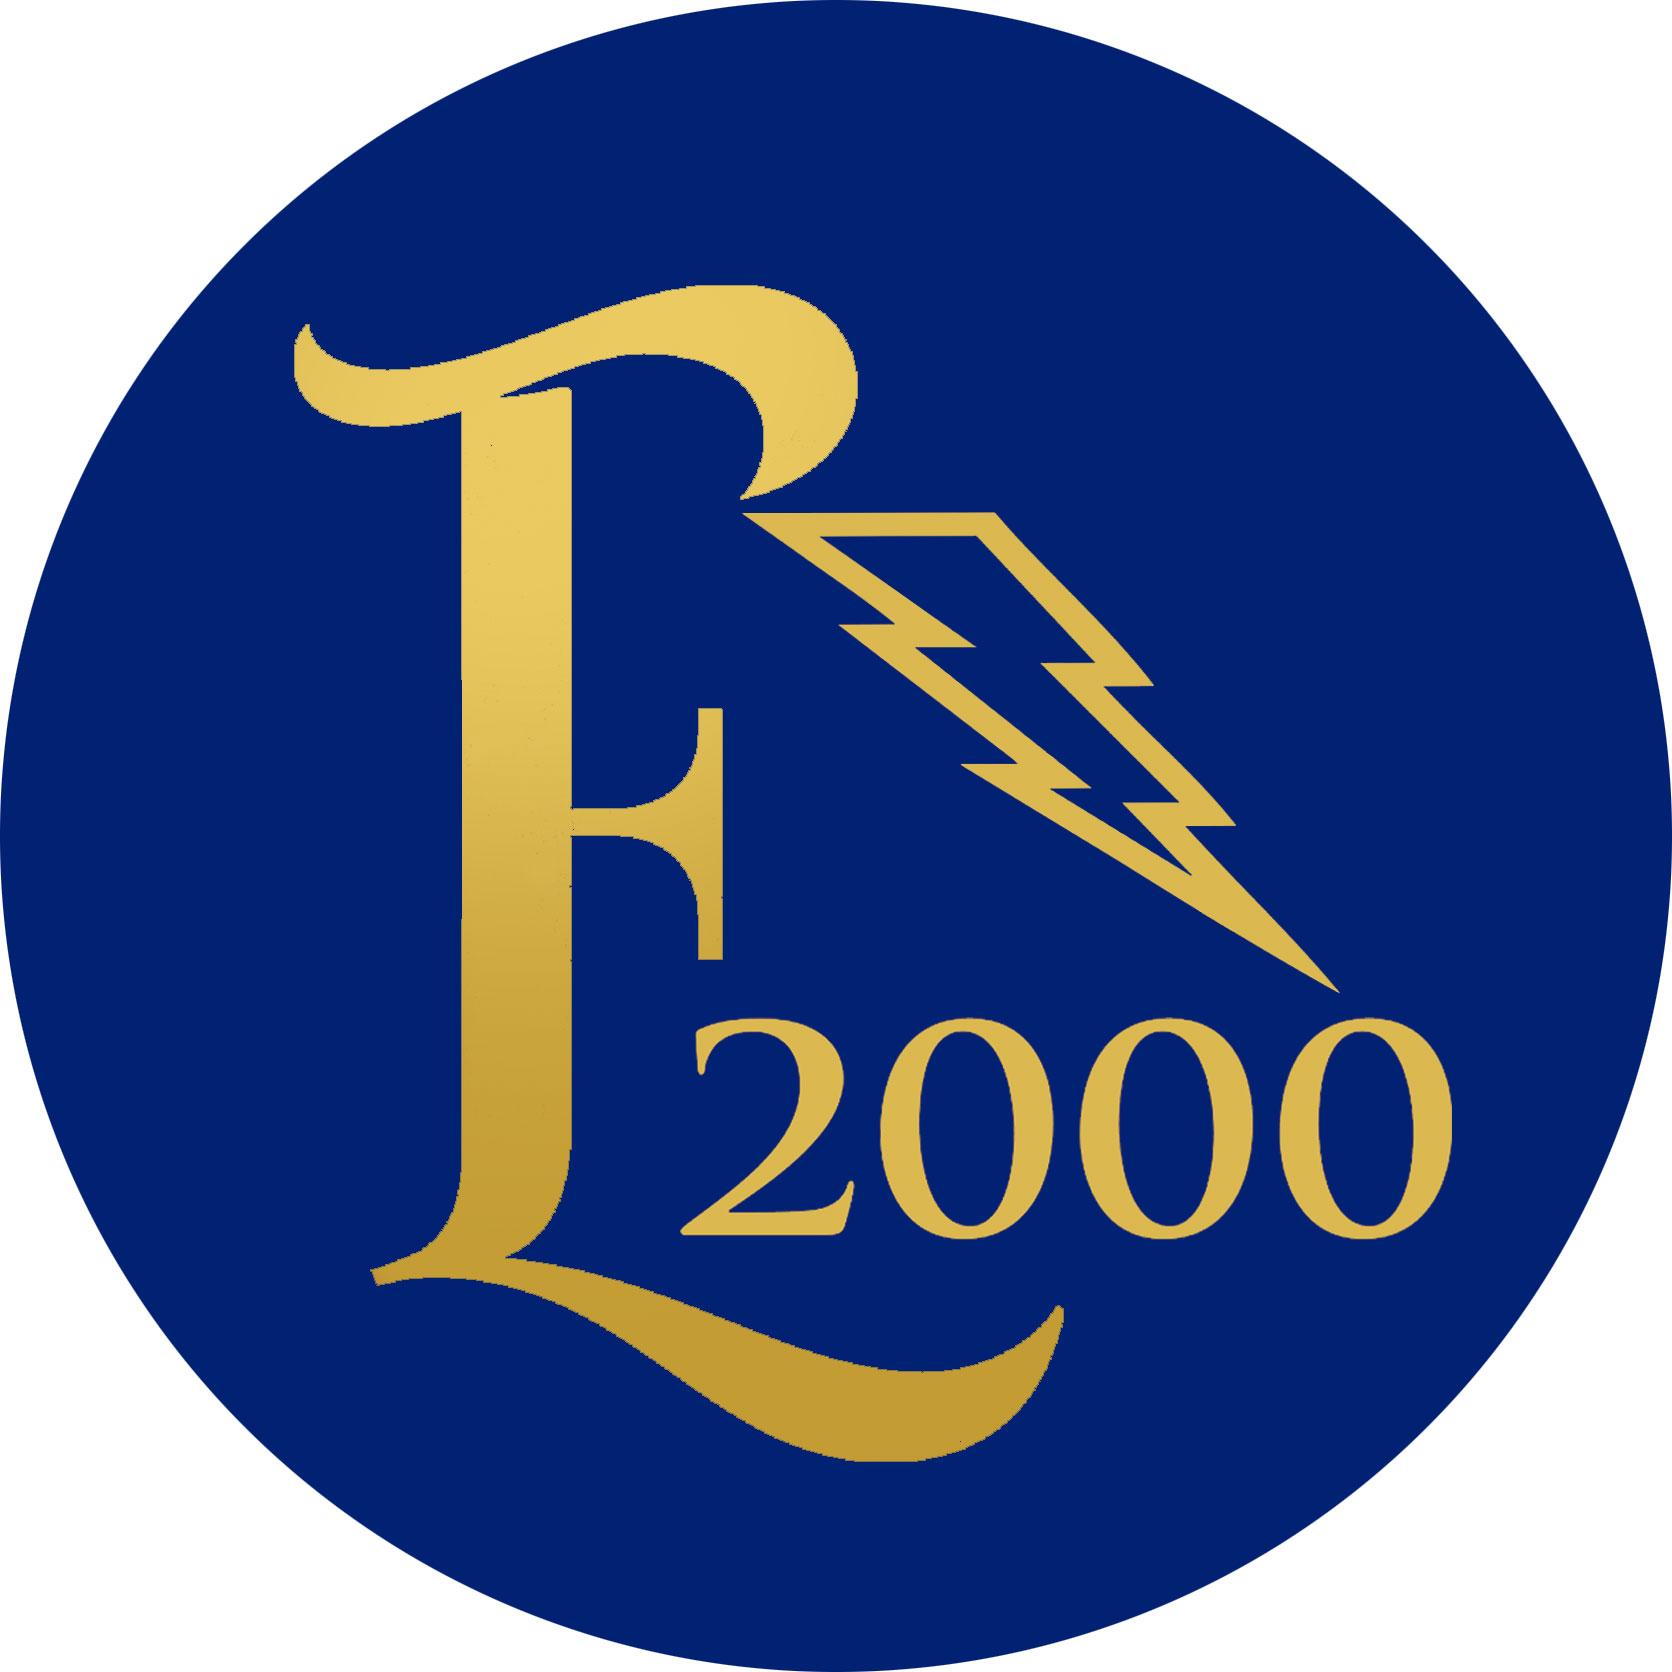 Empower 2000